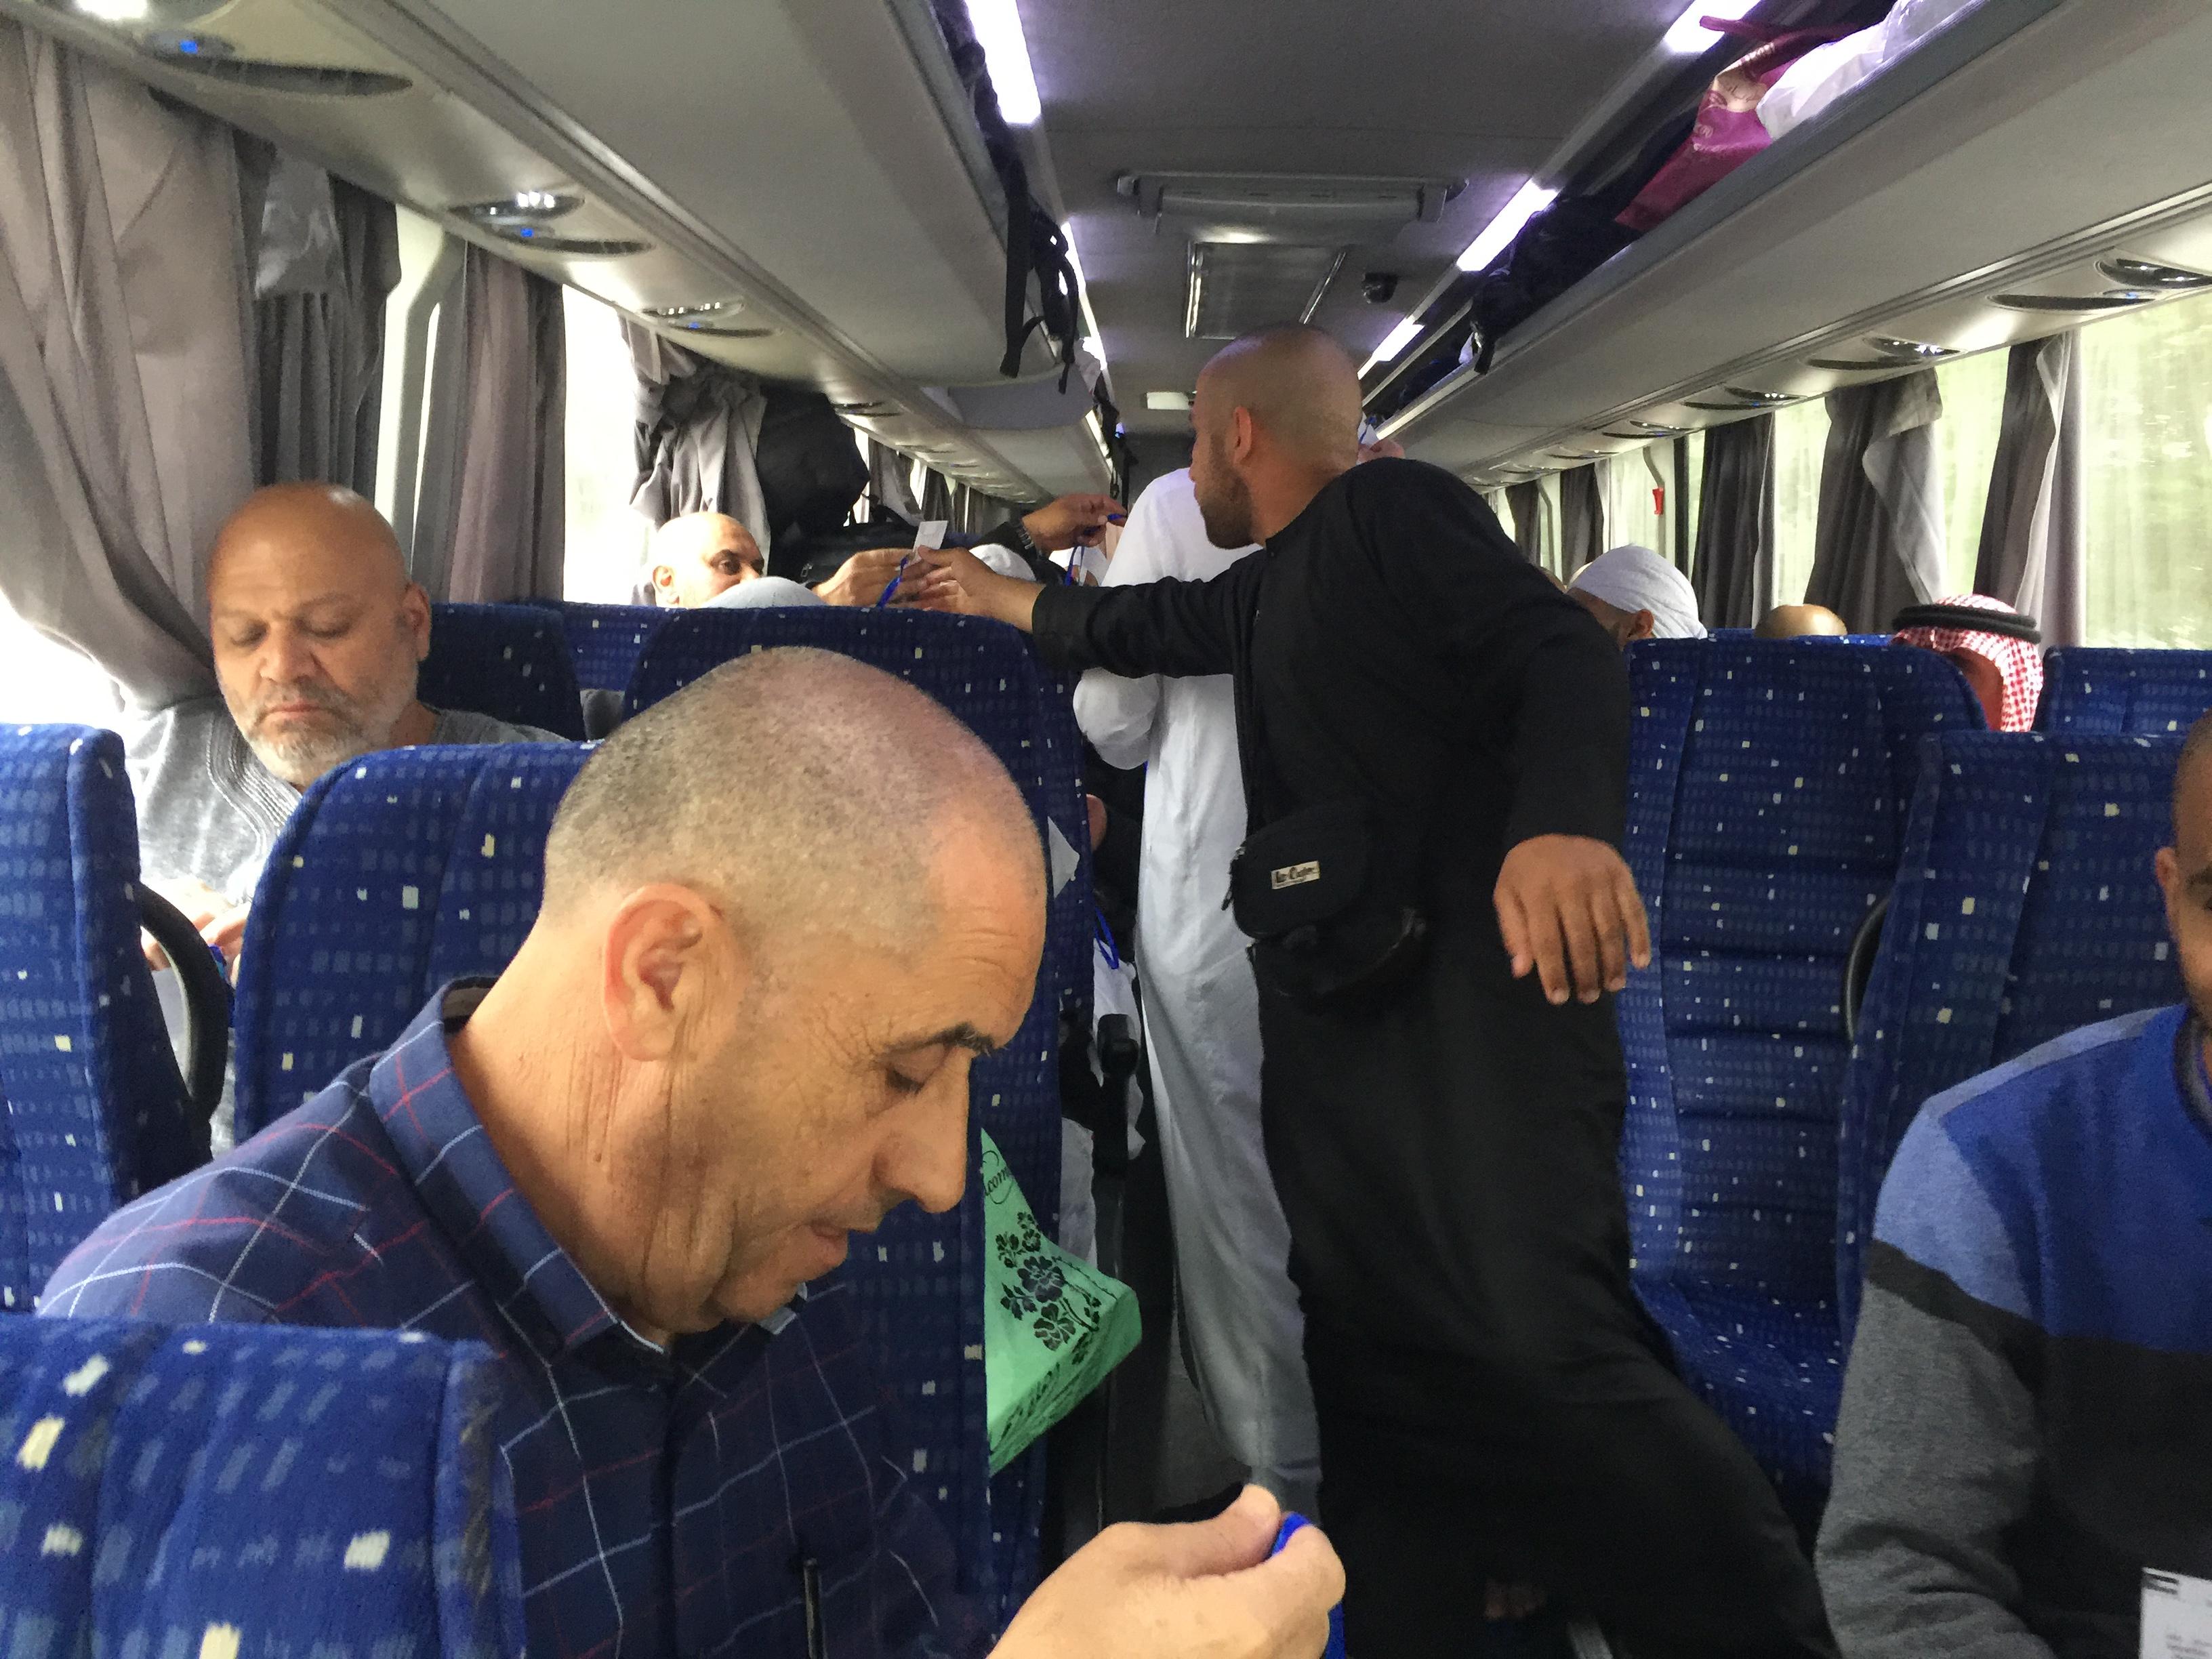 مكة المكرمة: معتمرو اللد الرملة (الجو) يغادرون الى المدينة المنورة